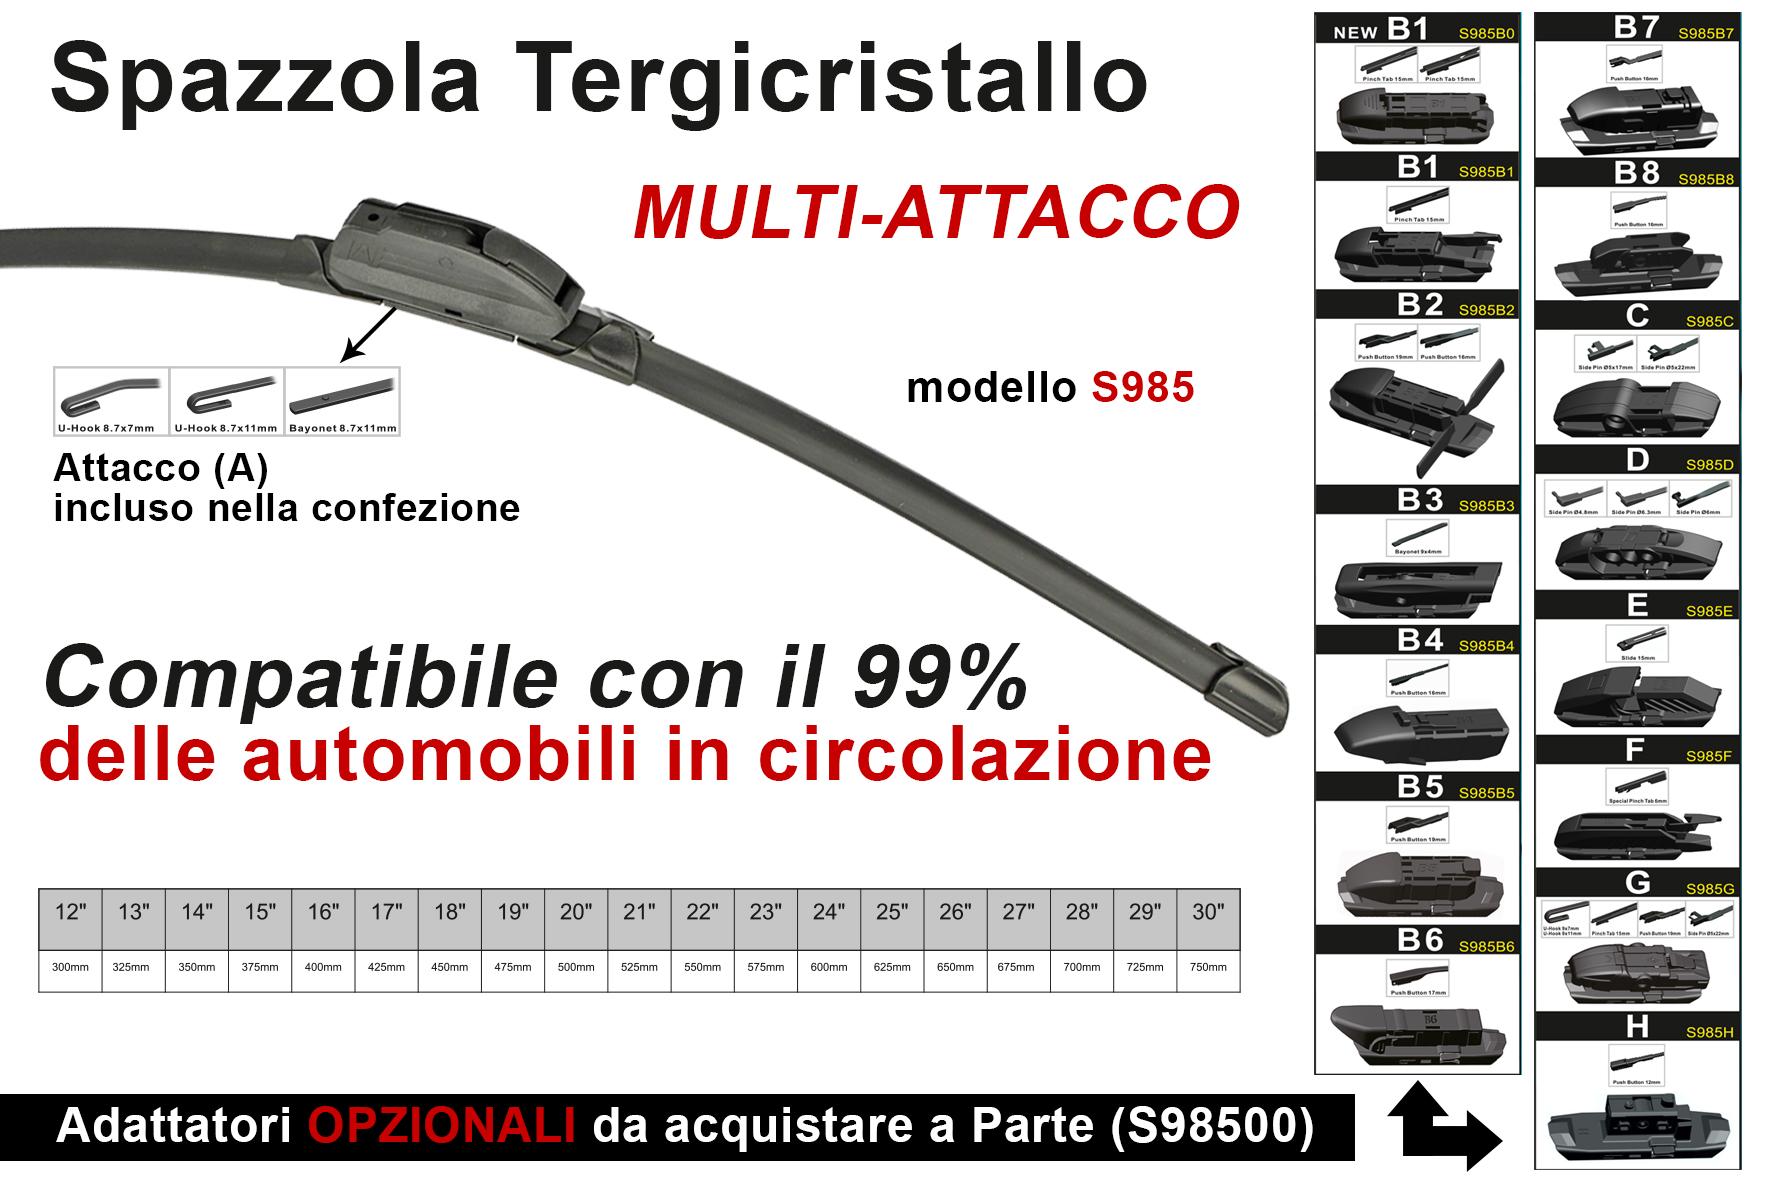 Spazzola Tergicristallo Auto Universale S985 26`` 650mm Carall 16 Attacchi Opzionale - PZ